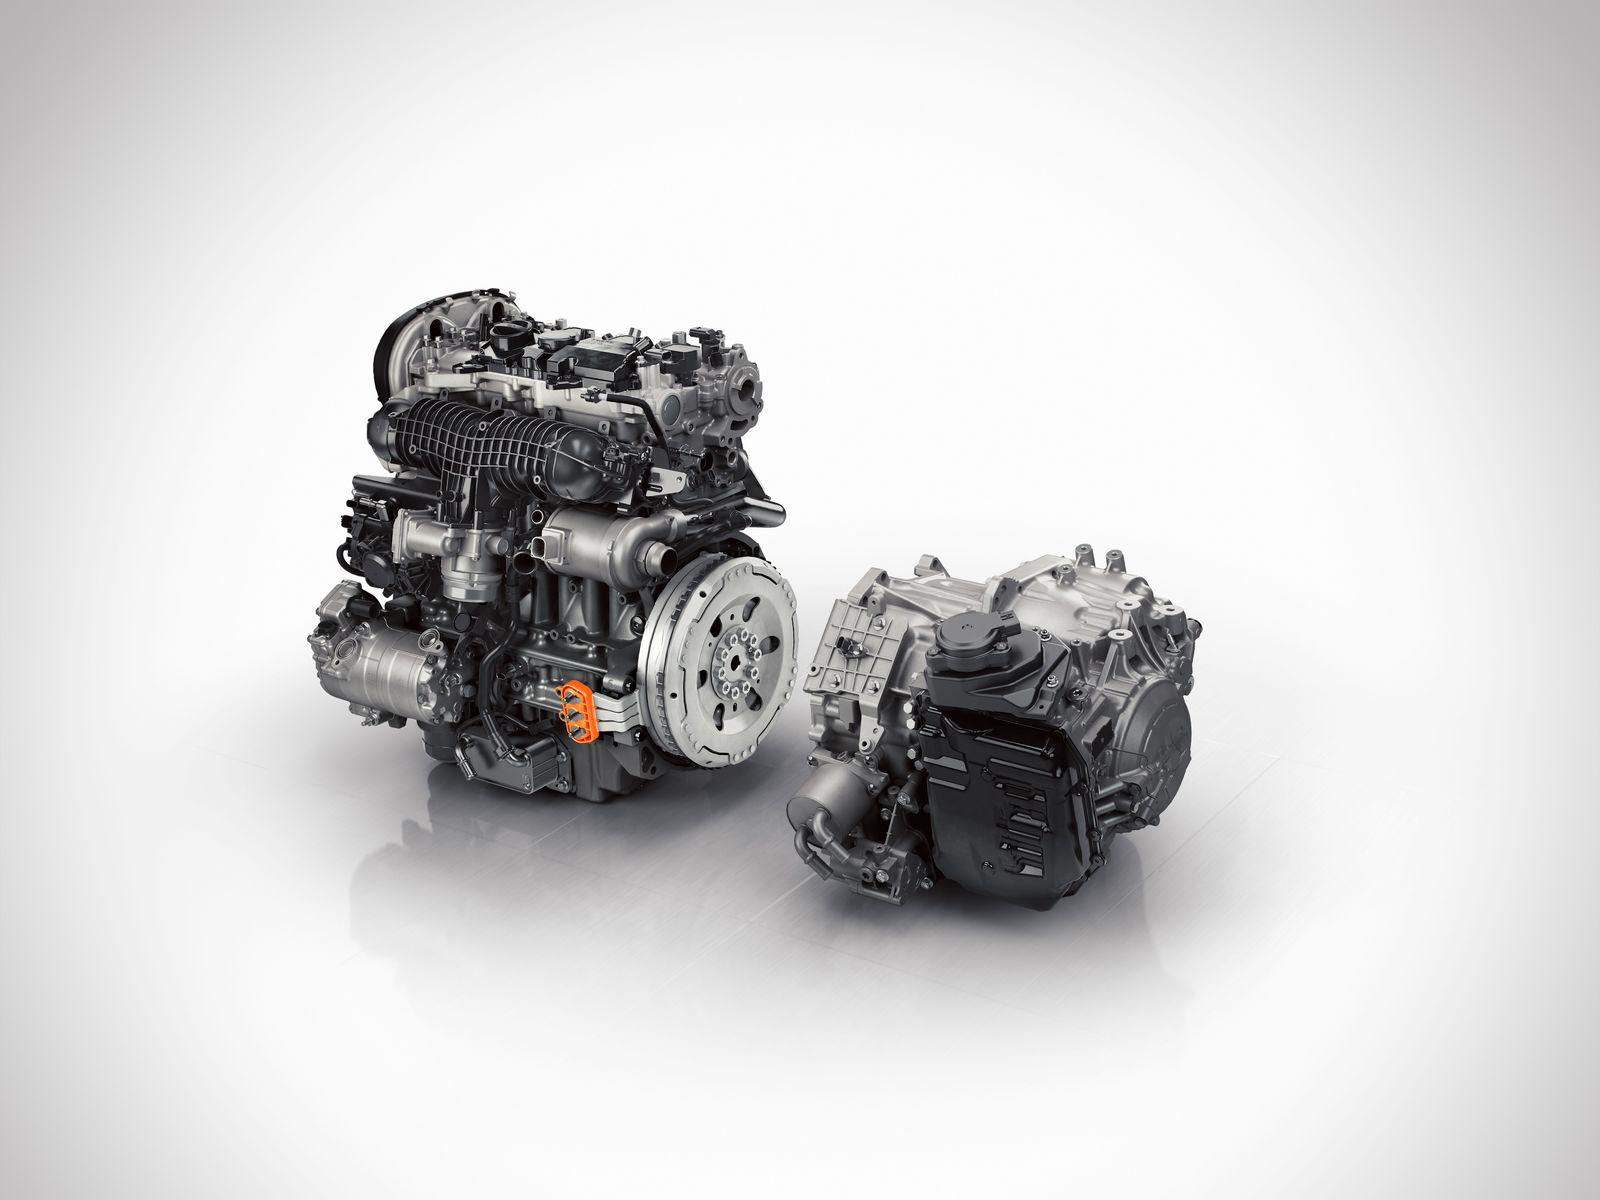 вольво двигатель 13 440 л.с схема топливной системы